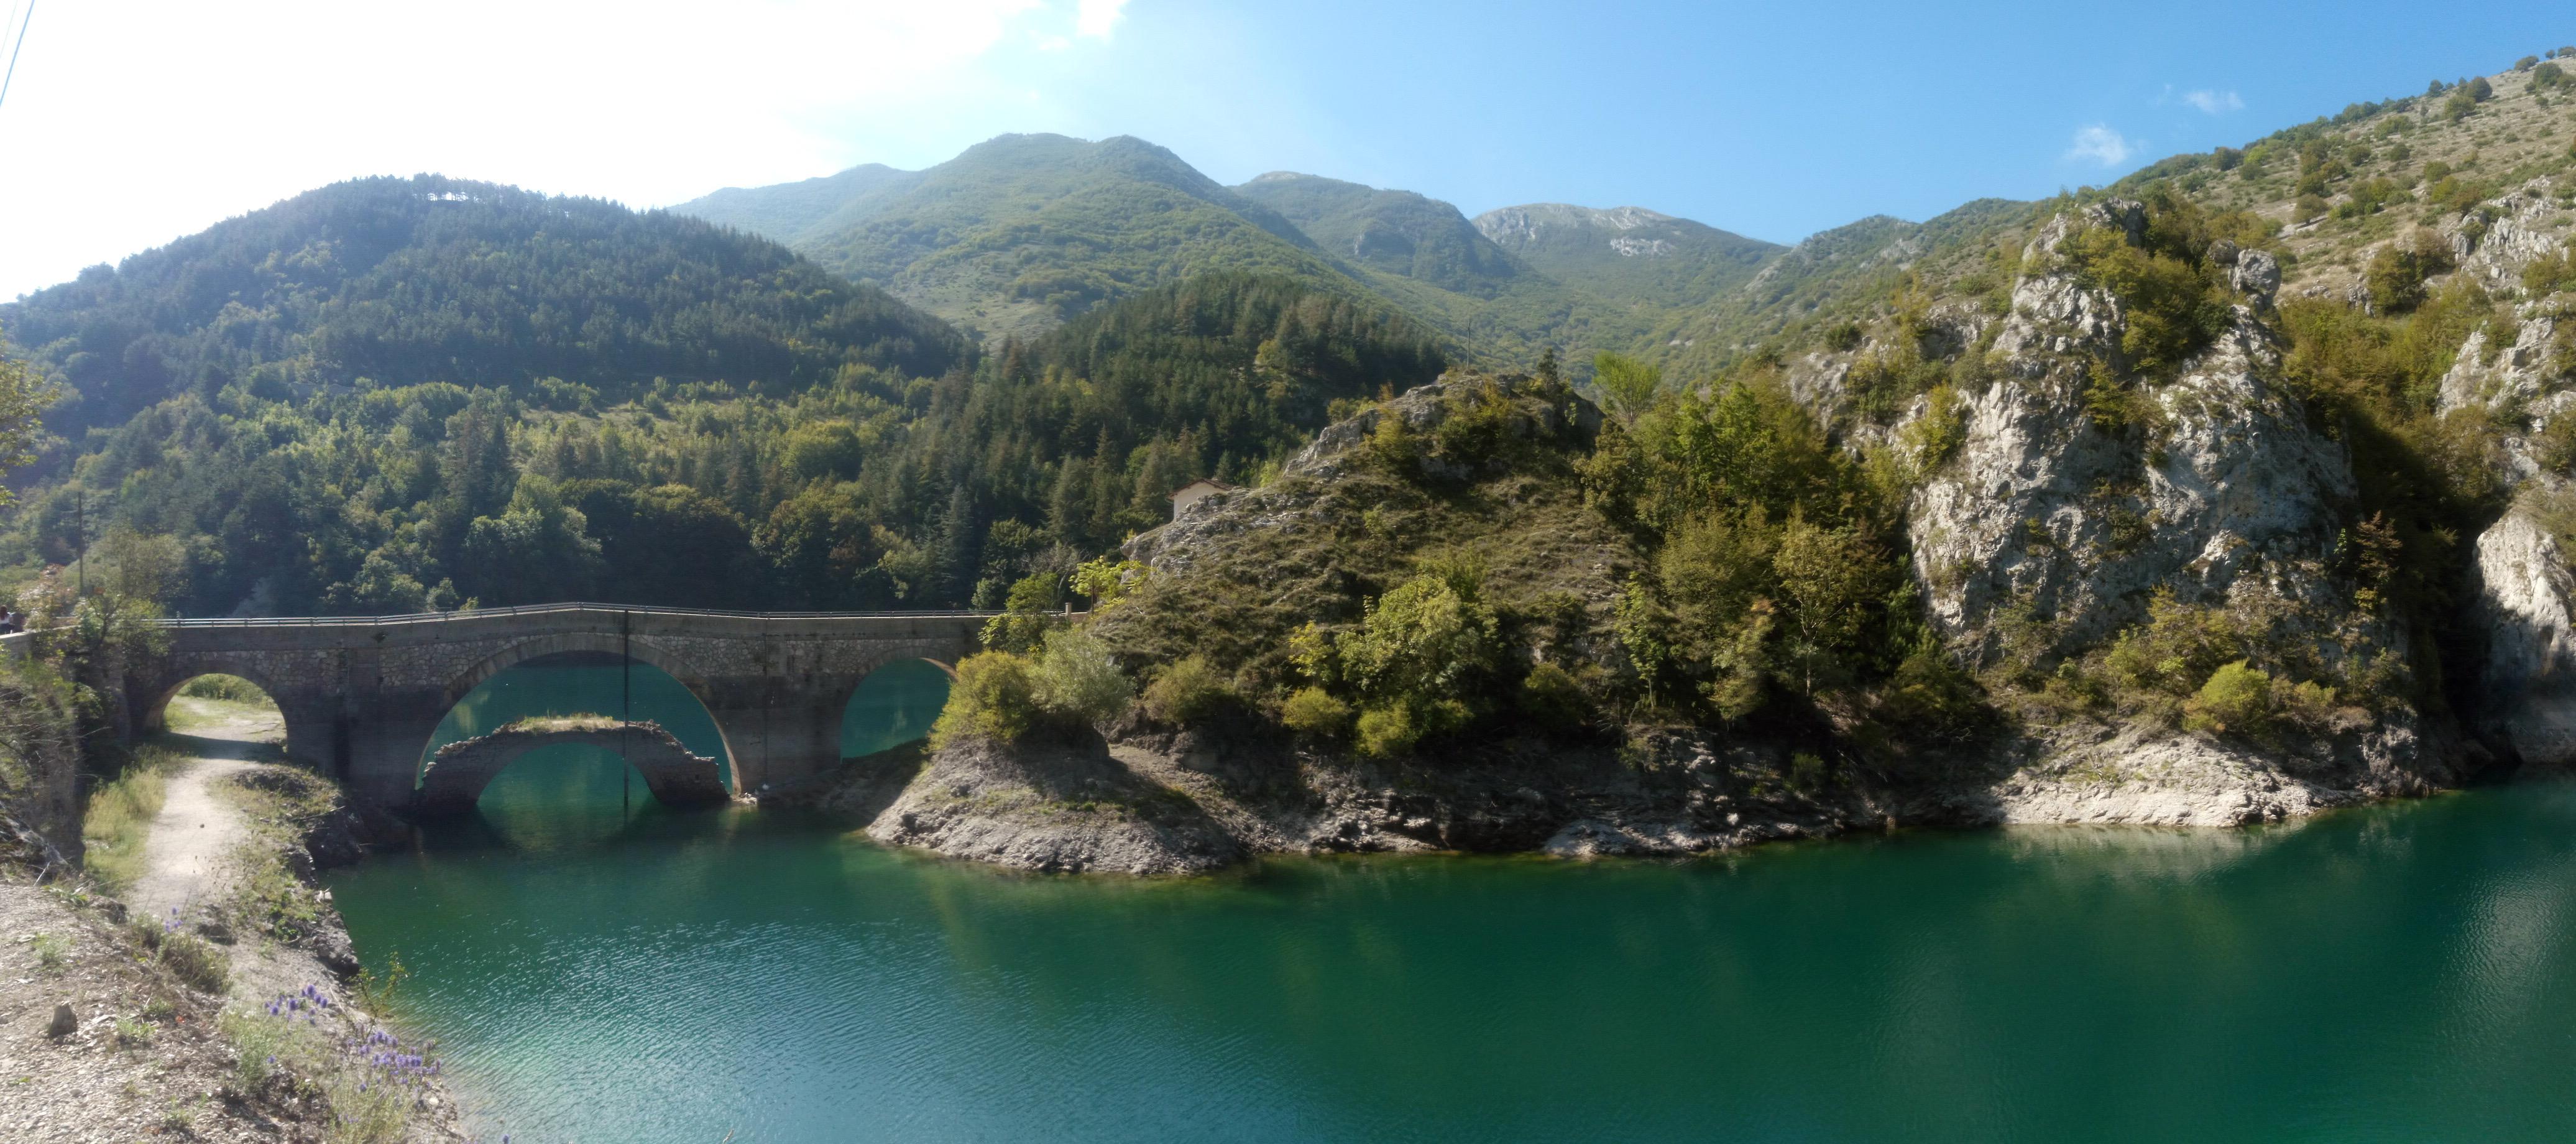 Un sabato in Abruzzo - Lago San Domenico weekend abruzzo